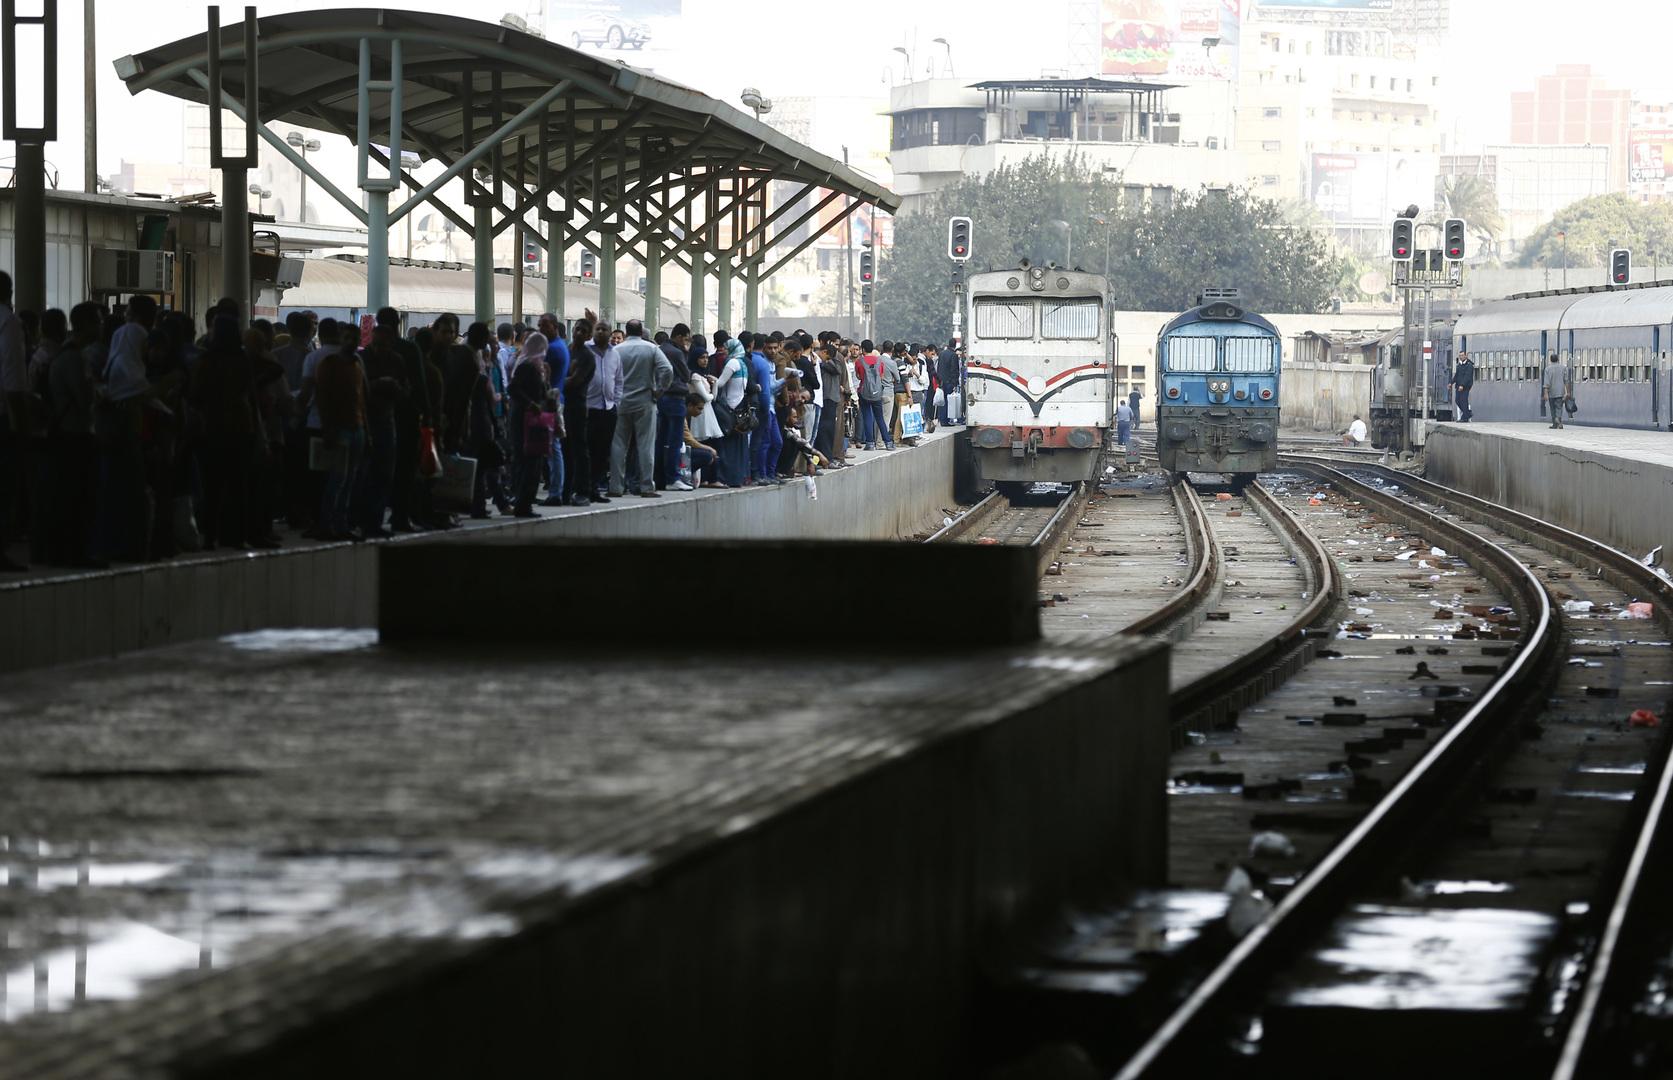 شاهد.. اصطدام قطار برافعة ومصرع وإصابة 5 أشخاص في مصر